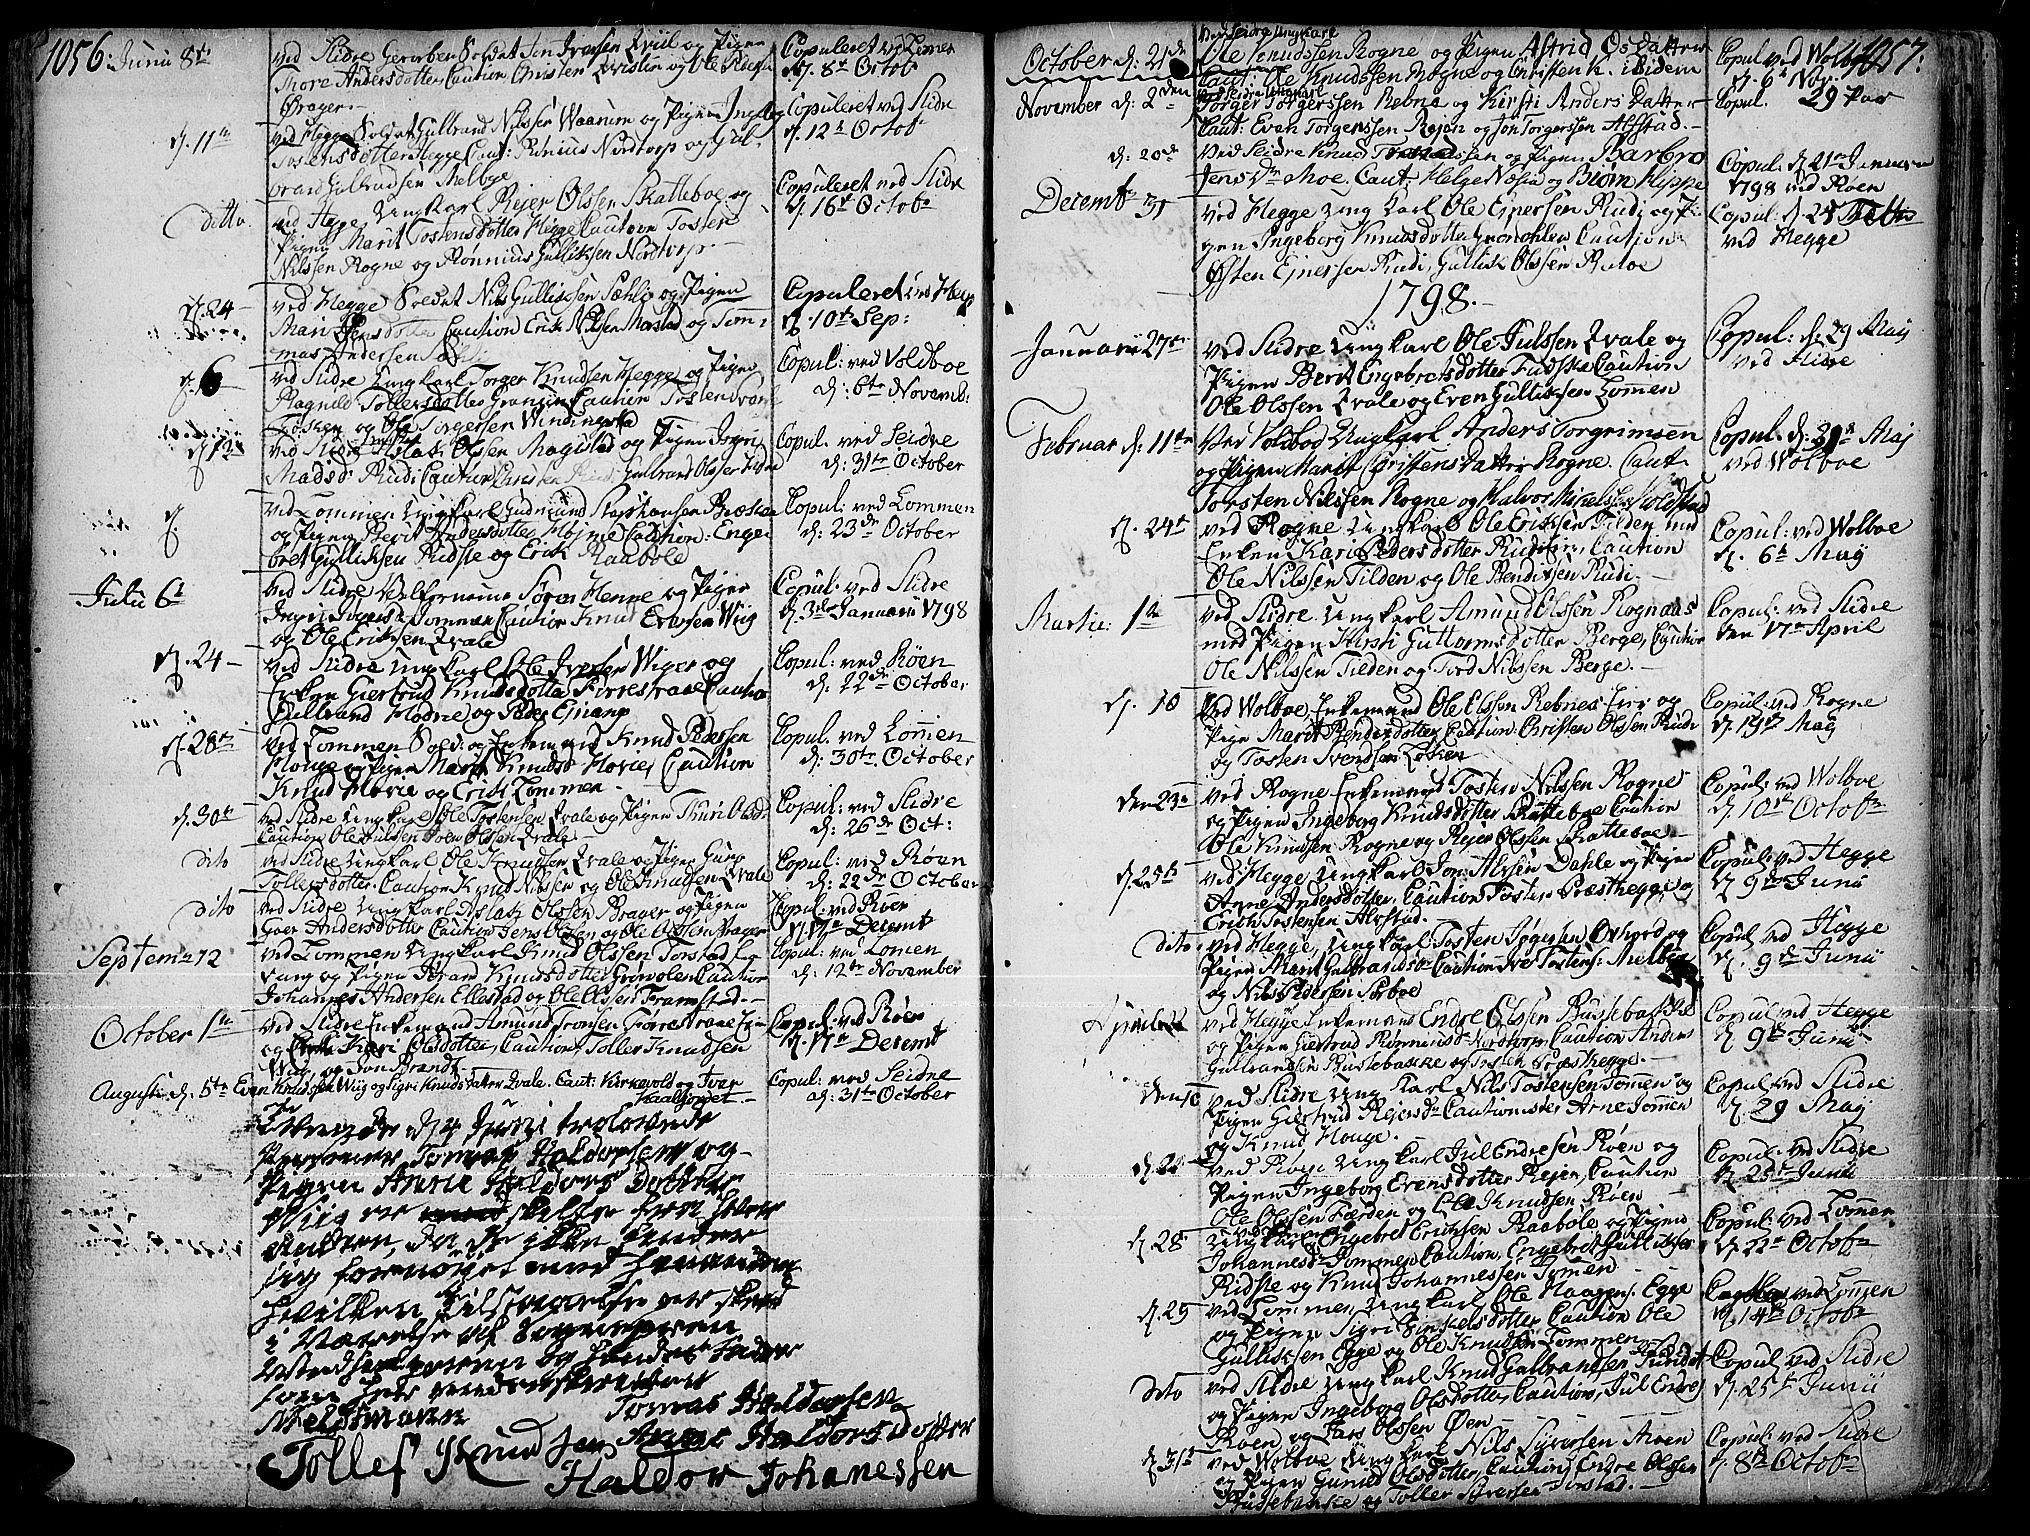 SAH, Slidre prestekontor, Ministerialbok nr. 1, 1724-1814, s. 1056-1057